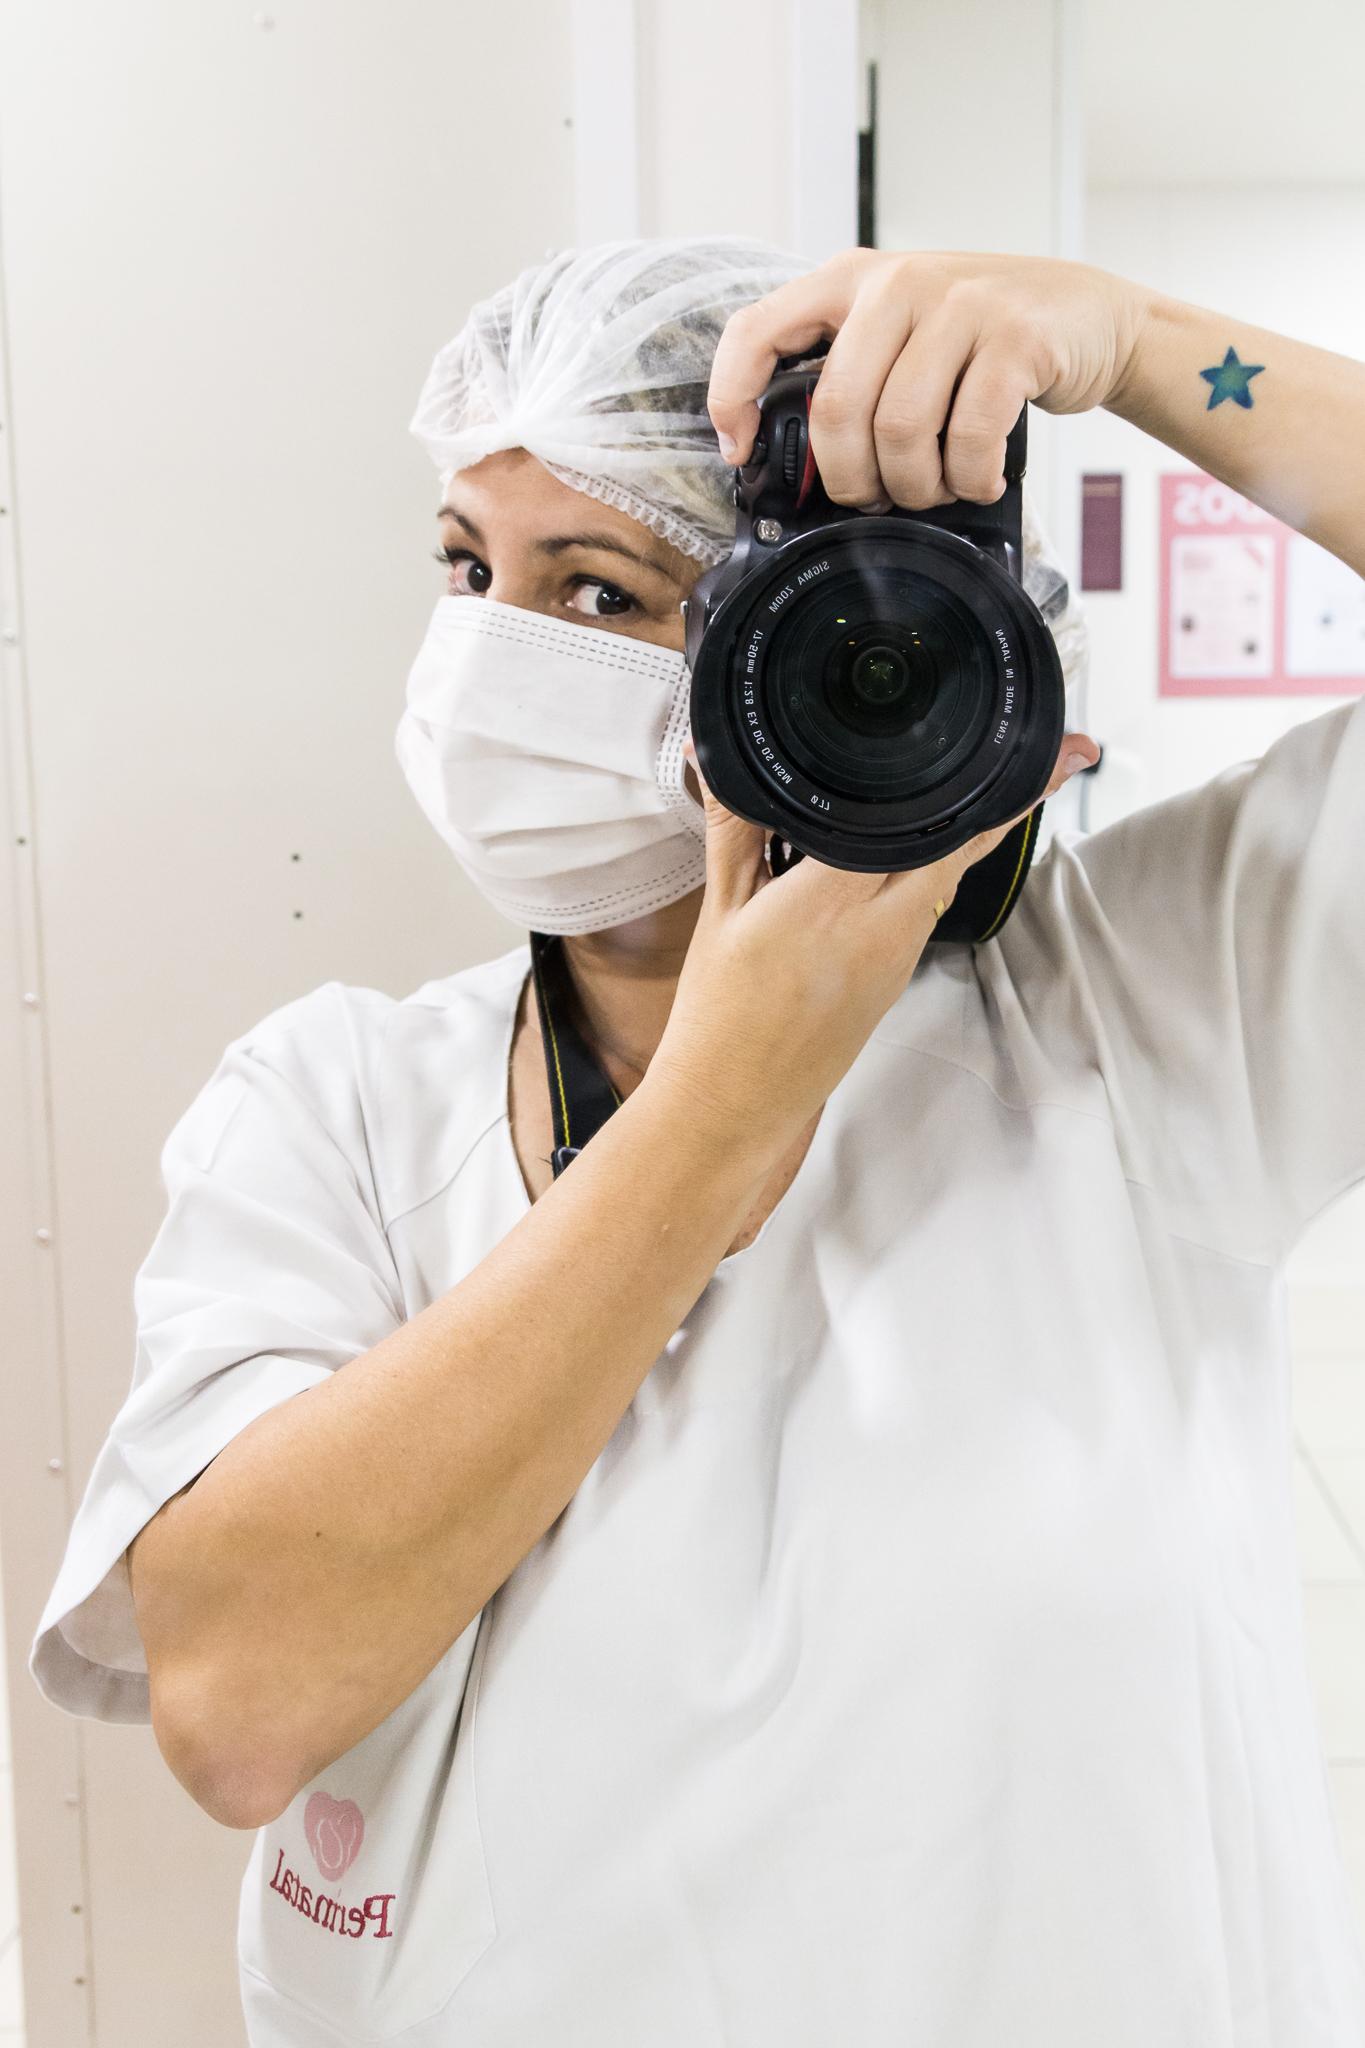 Sobre Fotógrafa de Gestantes e Partos - Marcelle Moraes, RJ